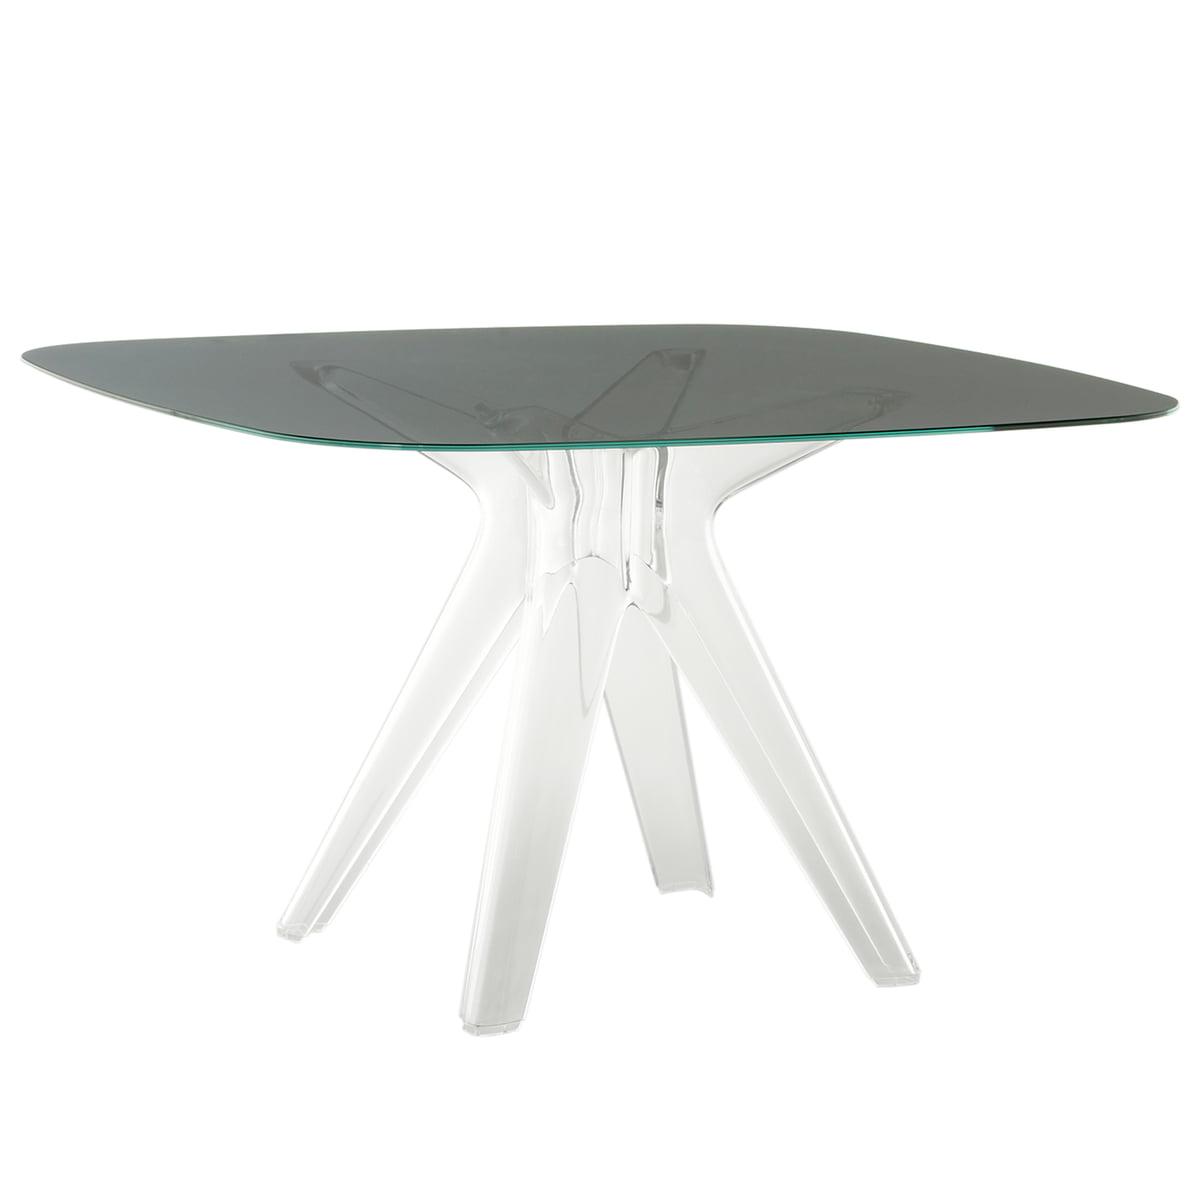 sir gio tisch quadartisch von kartell kaufen. Black Bedroom Furniture Sets. Home Design Ideas